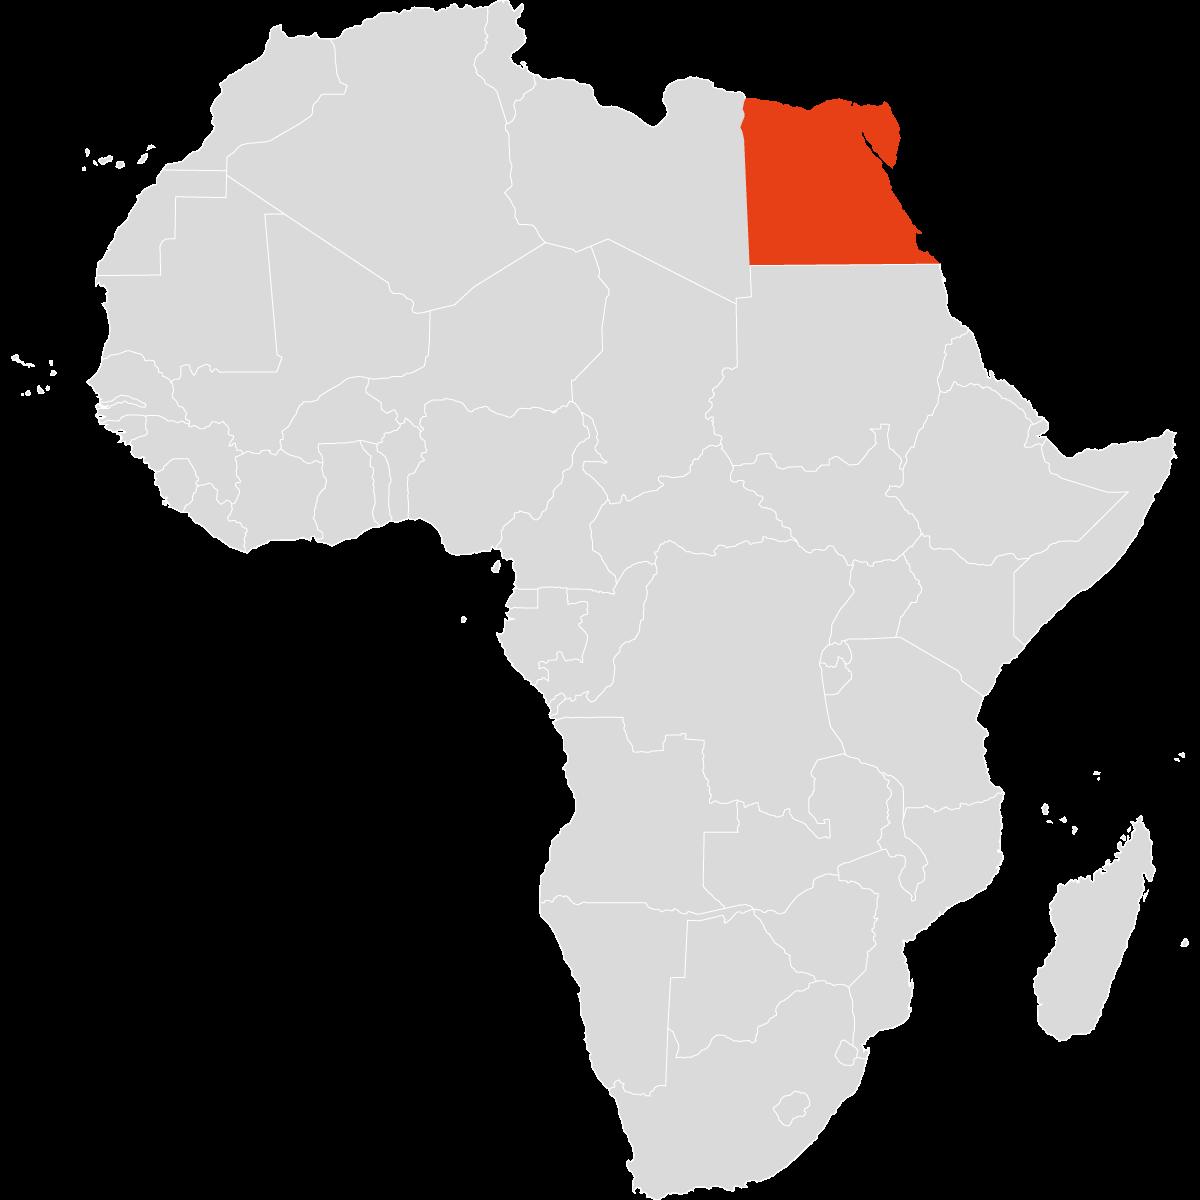 Ägypten auf dem Kontinent Afrika